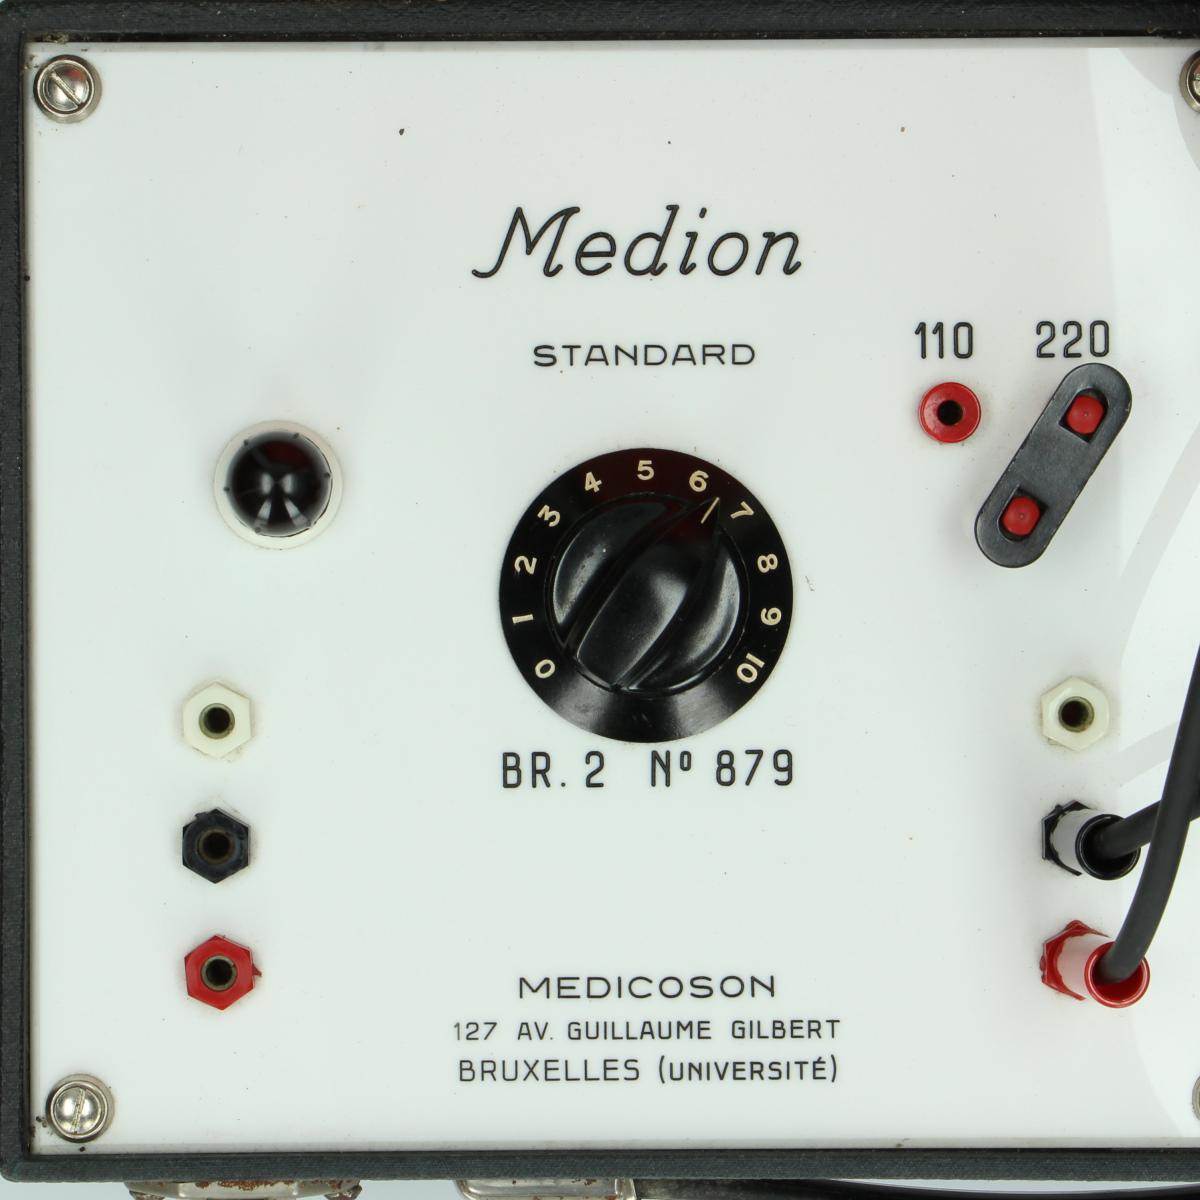 Afbeeldingen van Medisch toestel Medicoson Medion Standard